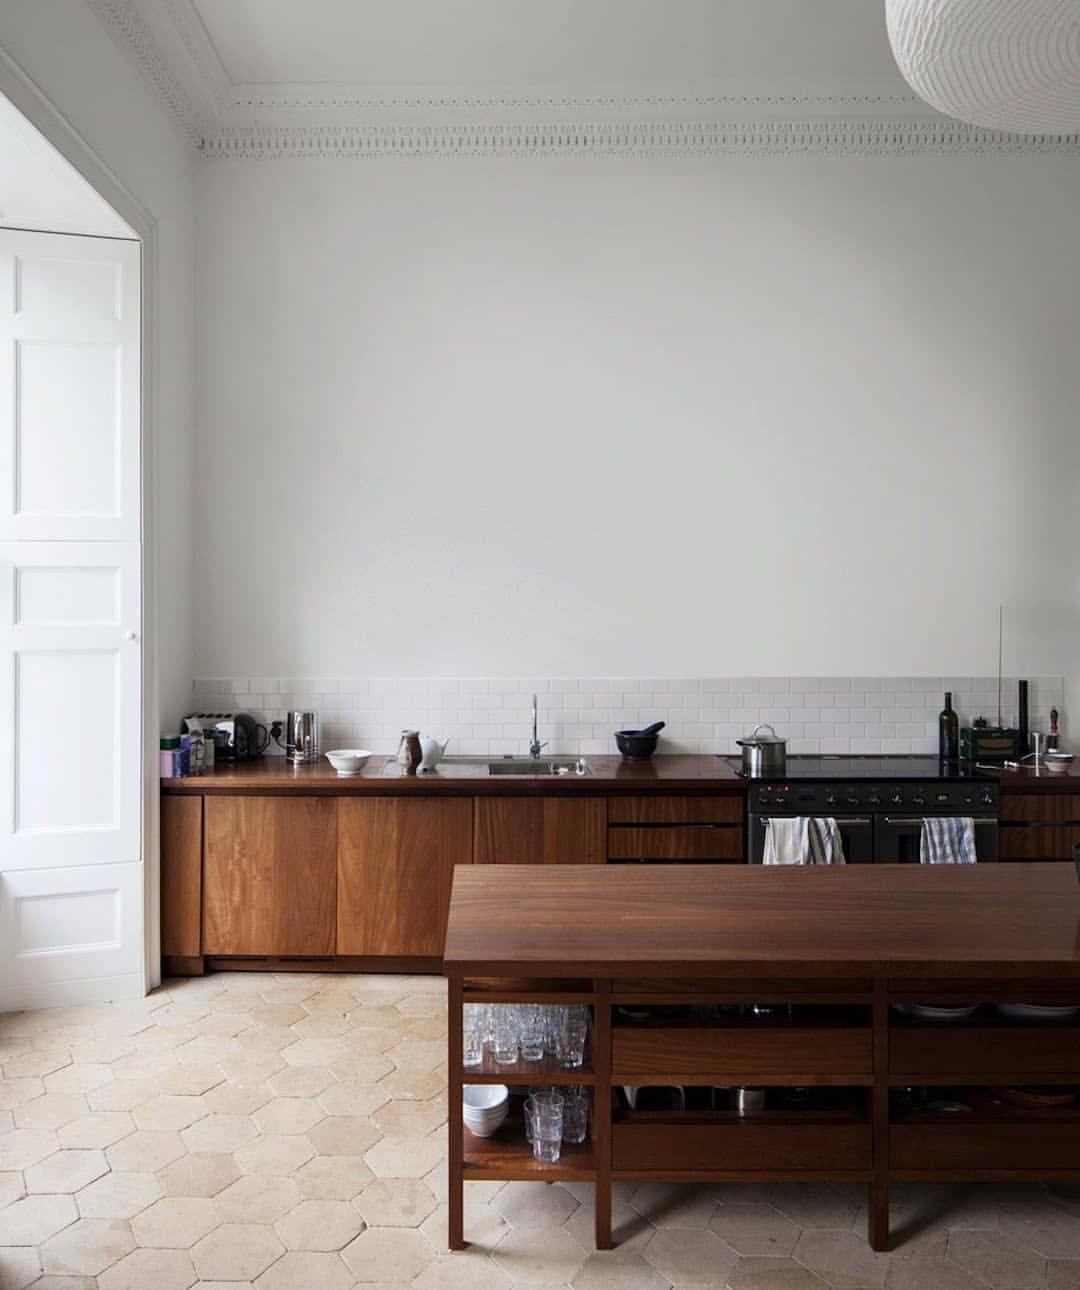 Kitchen Wood Soffit Design Modern Interior: Pin By Jason Schexnayder On Home In 2019